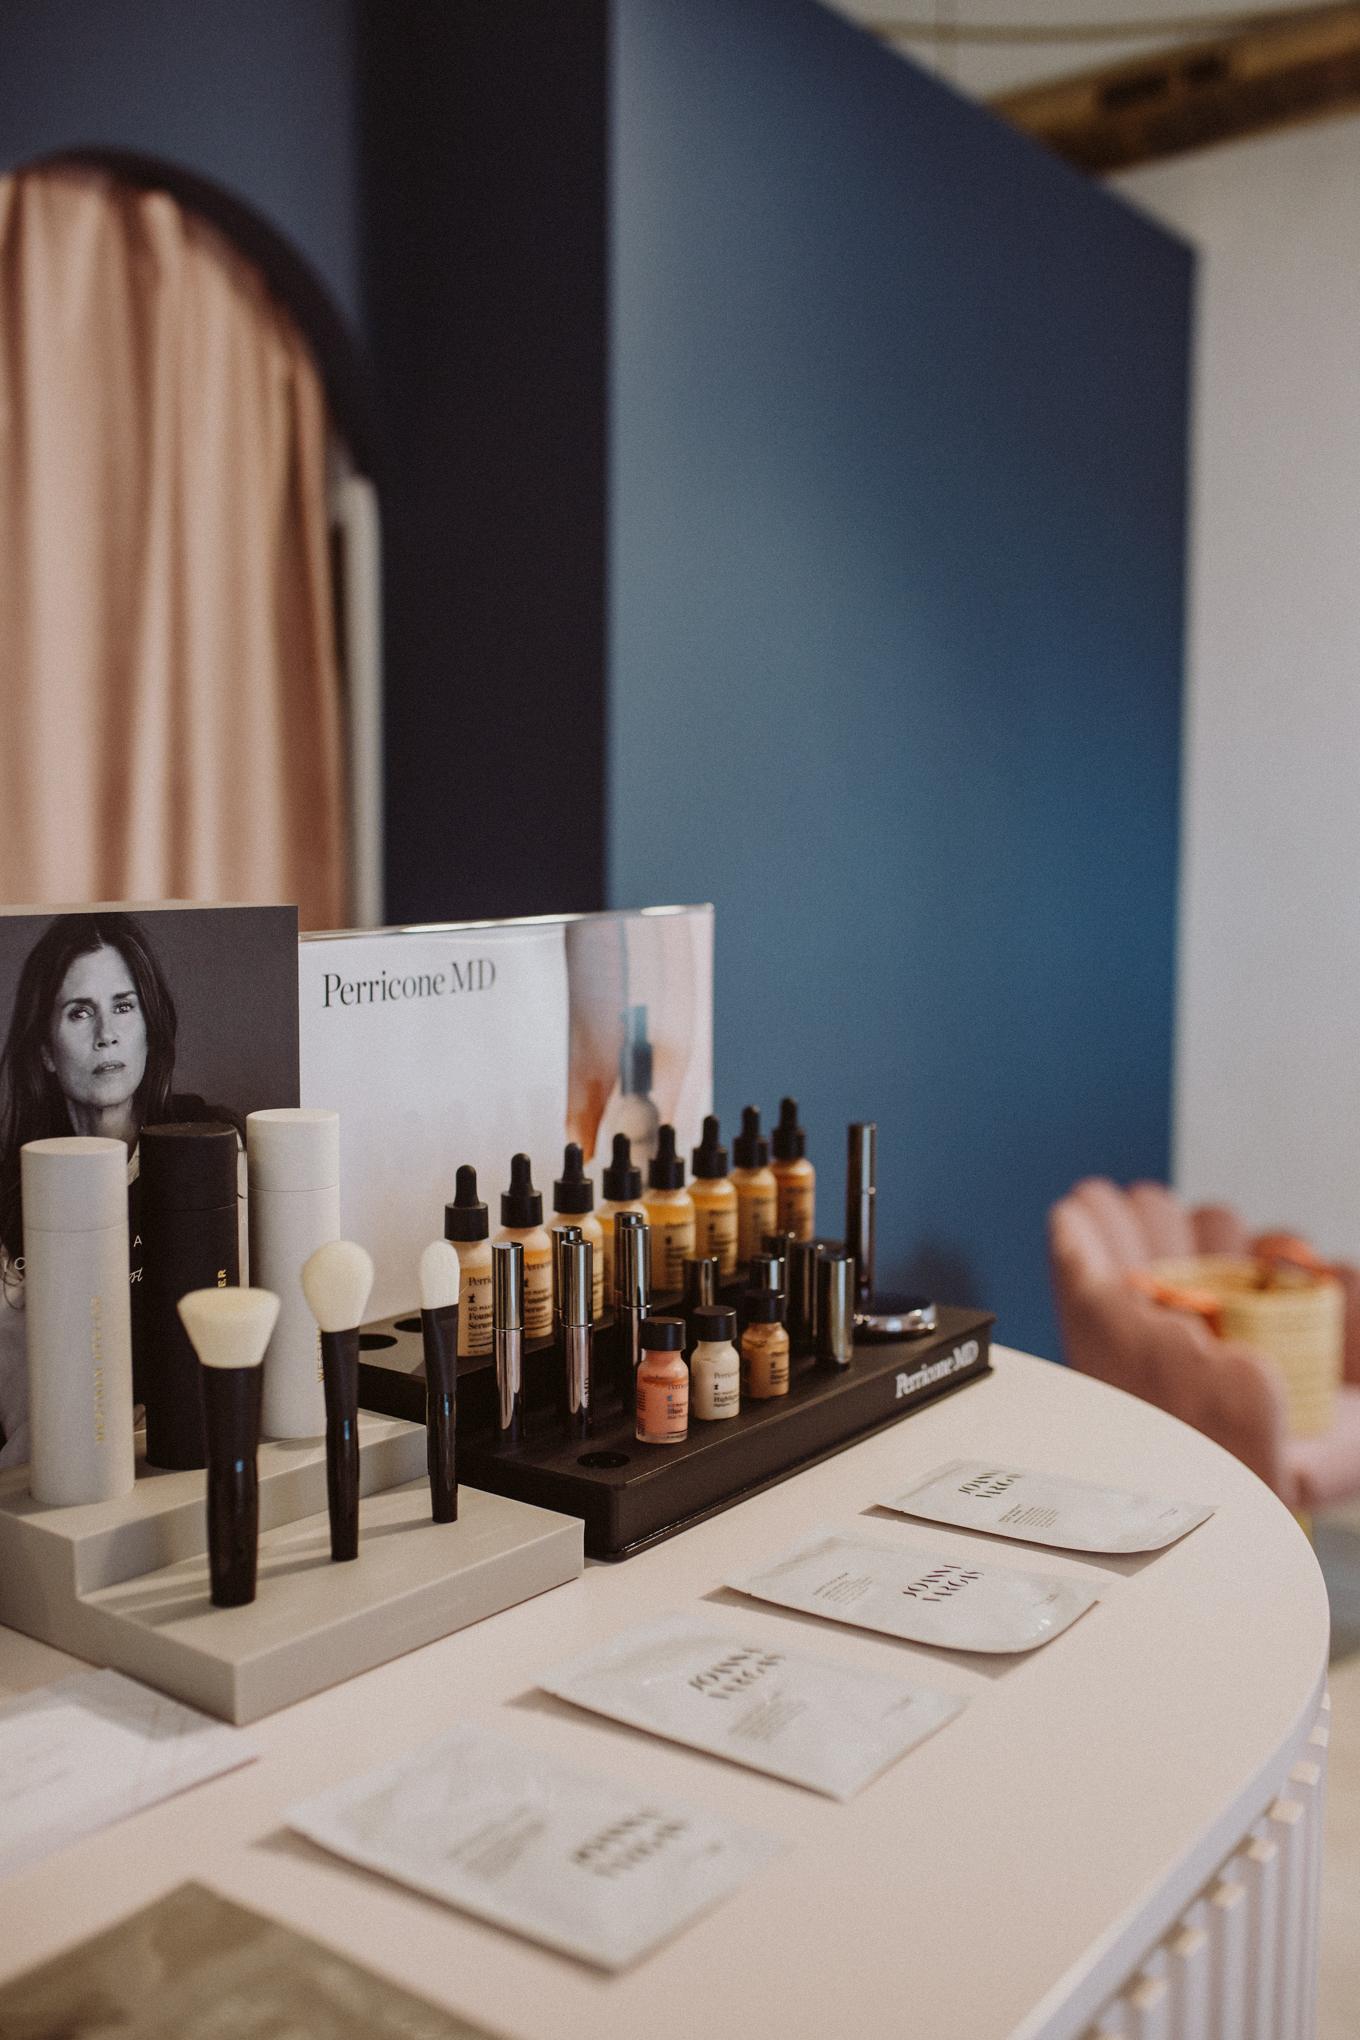 Vienna Picks: Dear Skin Wien Gesichtsbehandlung + Beauty Concept Store - Love Daily Dose